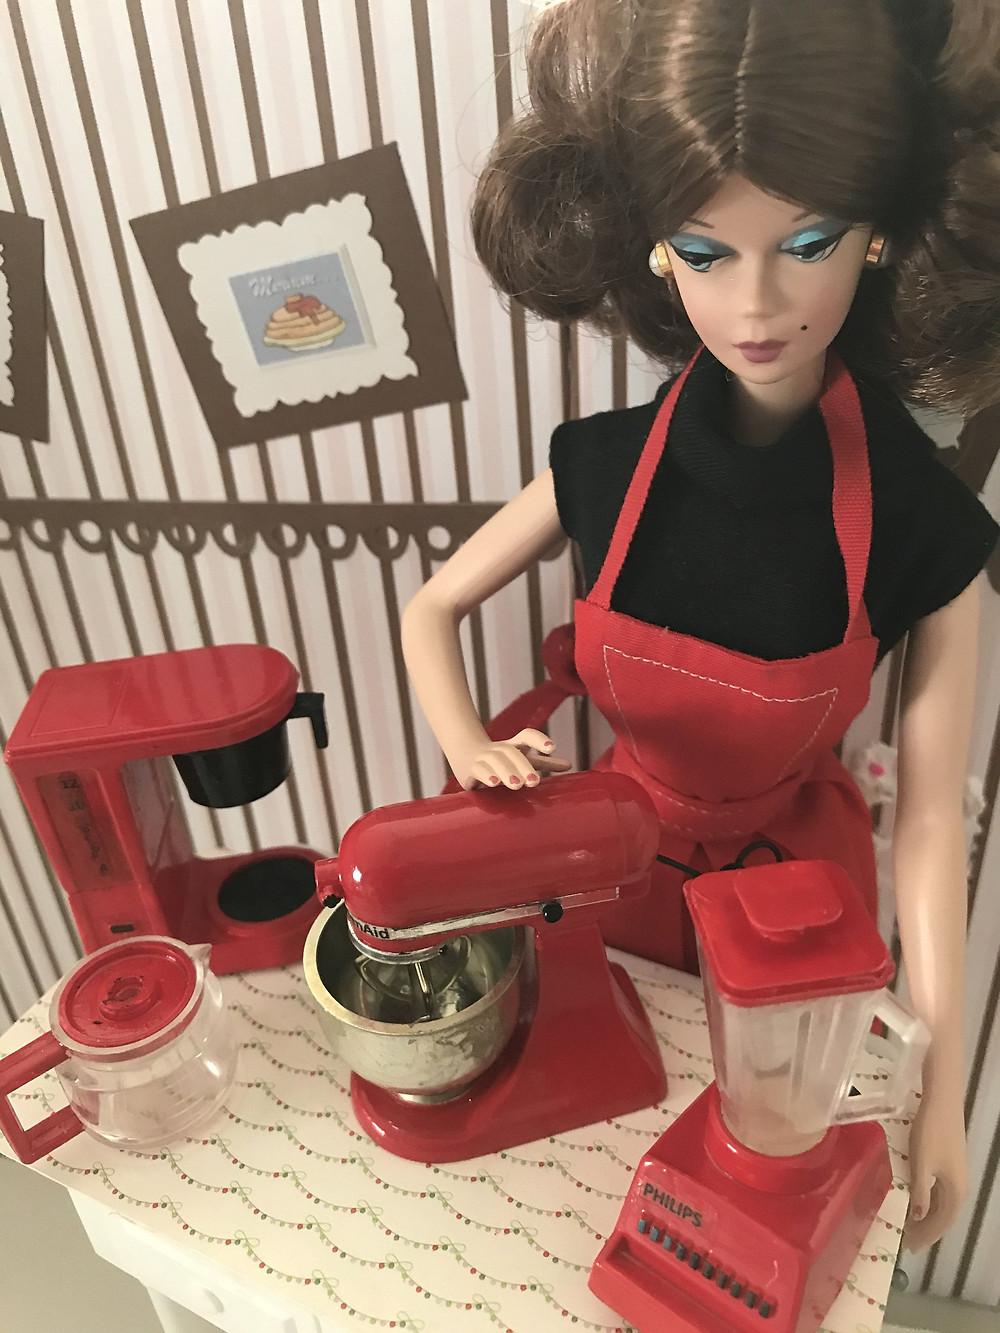 barbie baking in her kitchen